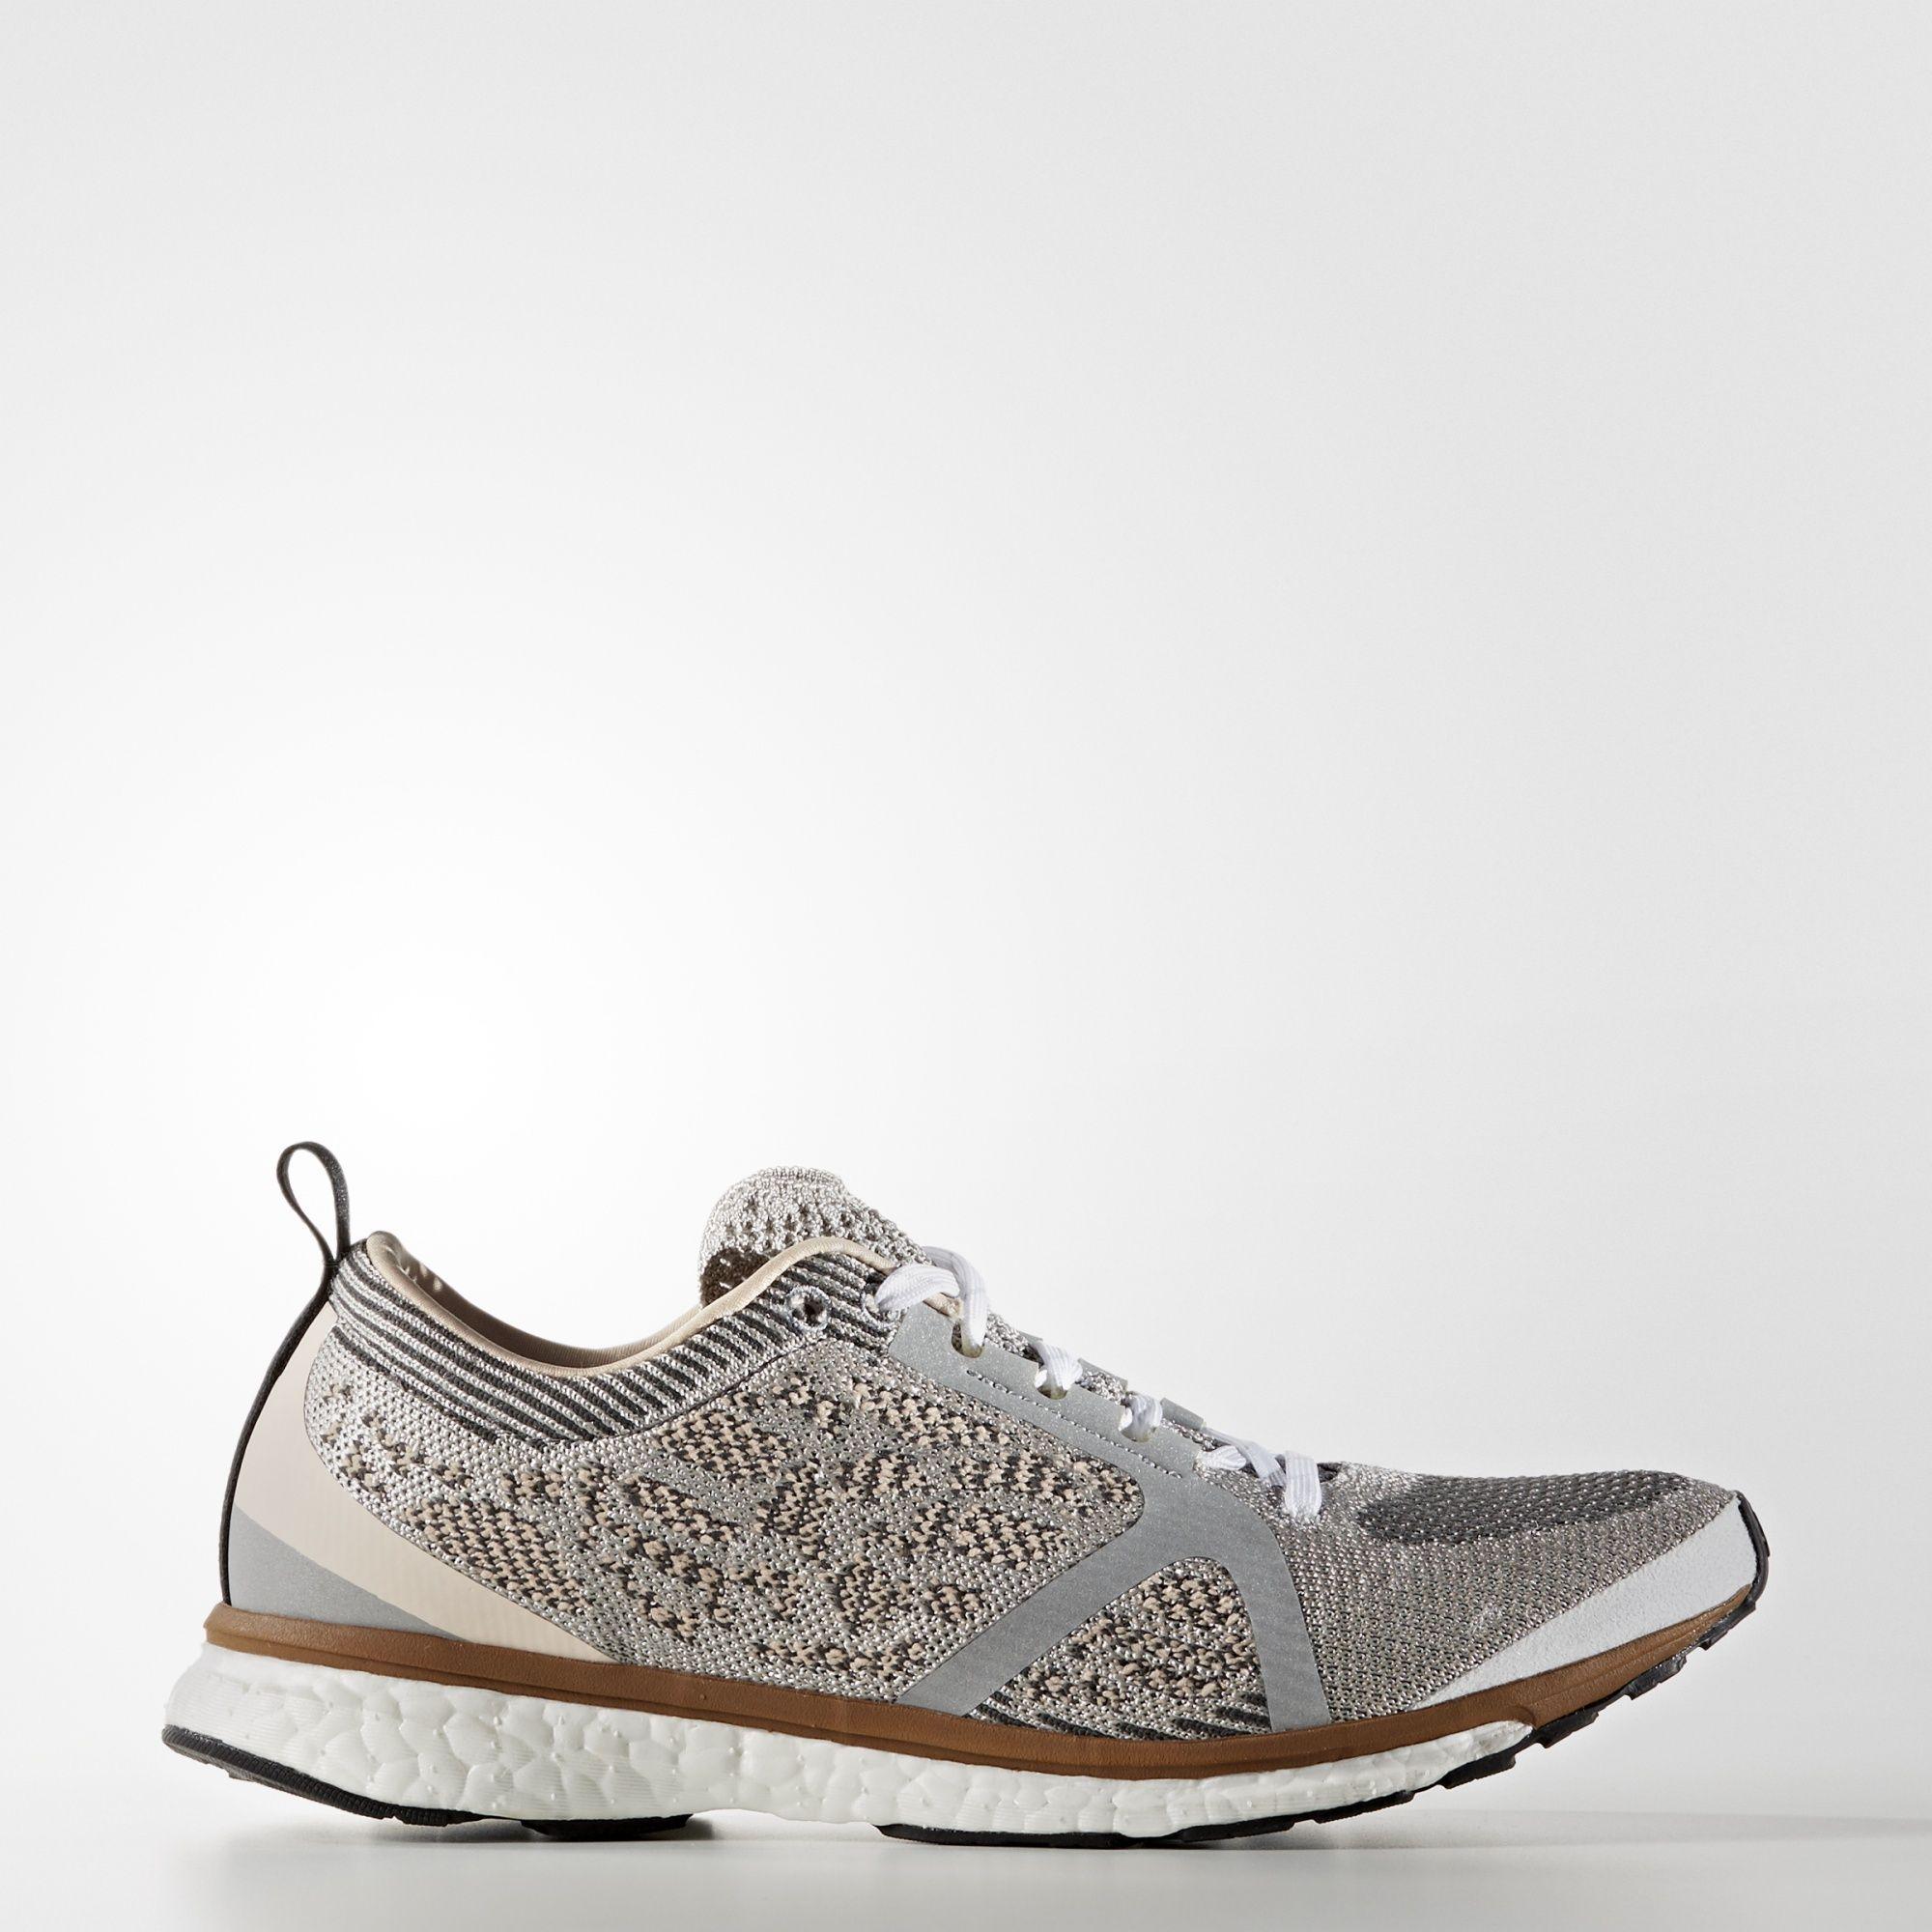 Stella es tomar en un maraton Adidas by Stella McCartney calzado, la